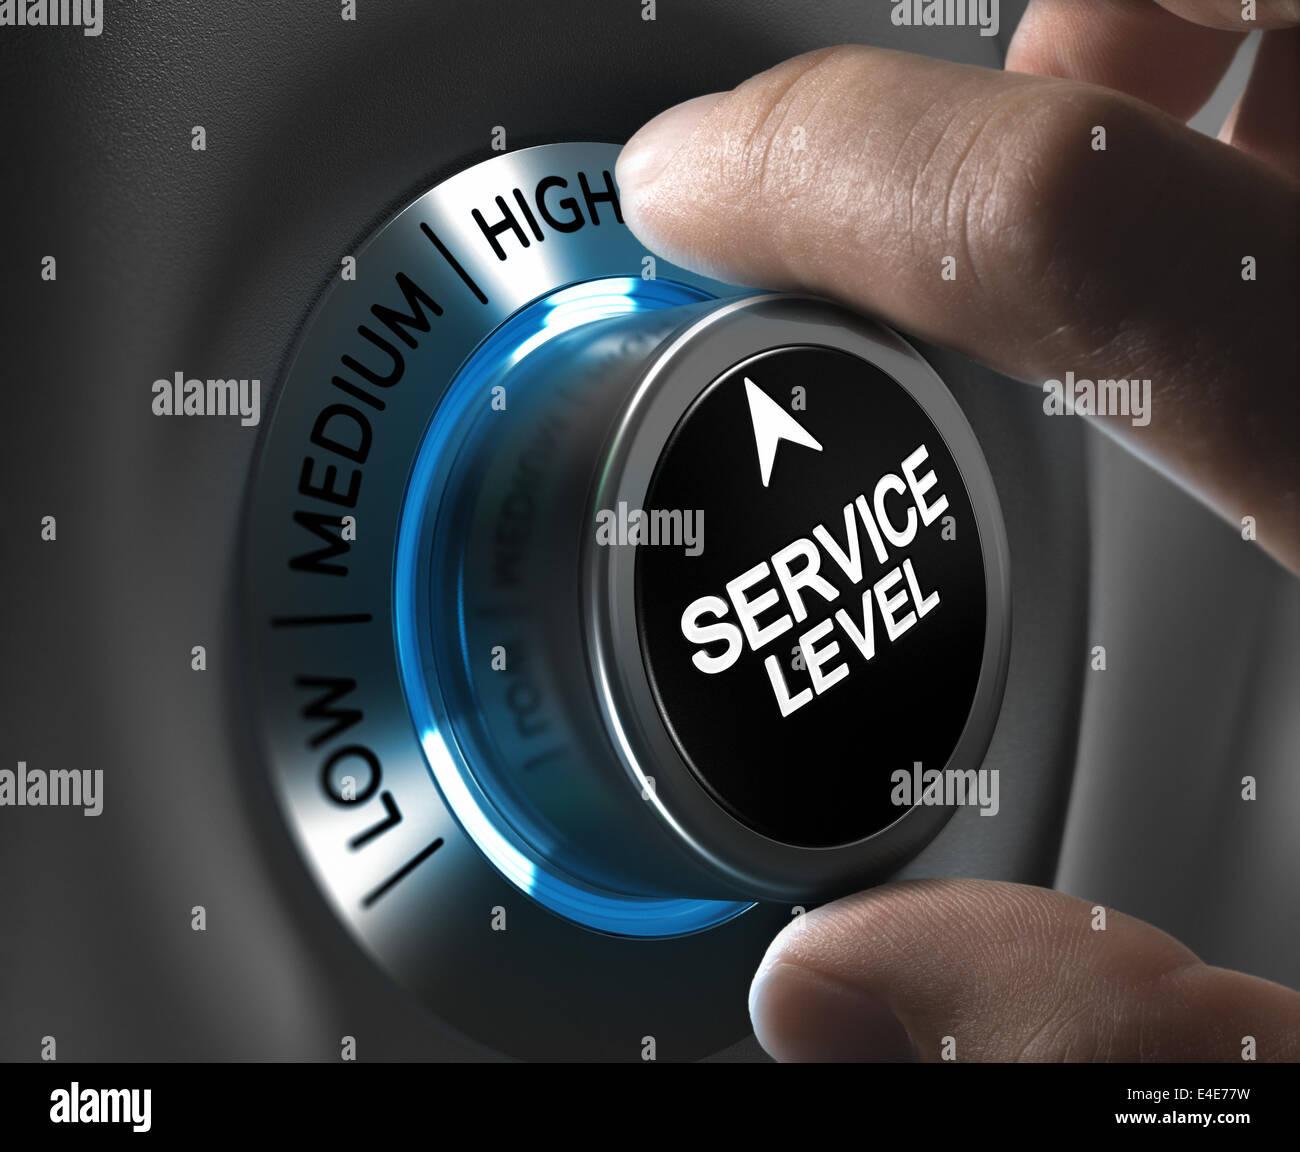 Nivel de servicio de botón apuntando la posición alta con efecto de desenfoque más tonos azules y grises. imagen Foto de stock